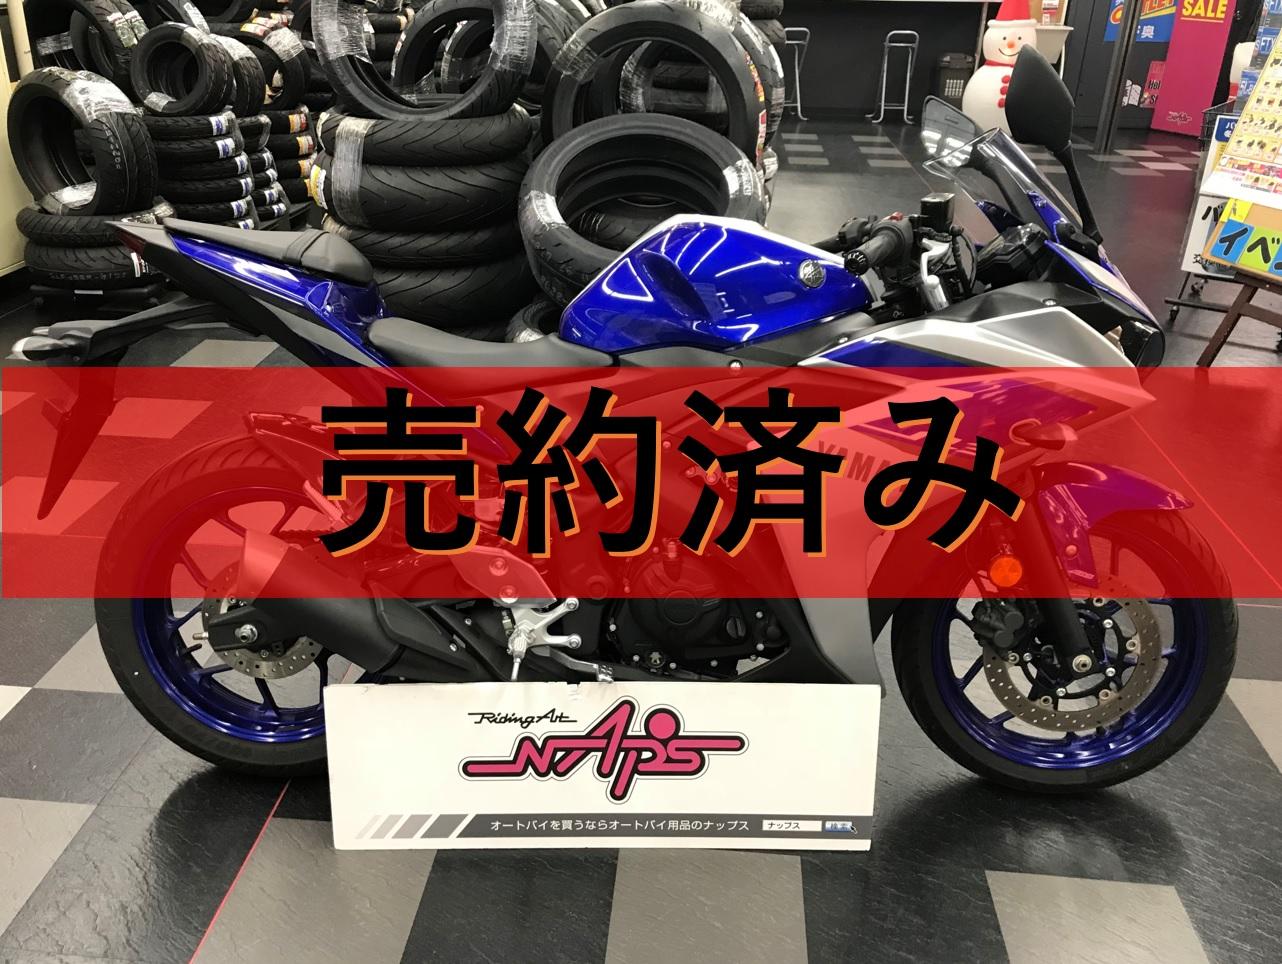 YAMAHA 【販売車両】YZF-R3 スライダー/リアカーボンフェンダー付